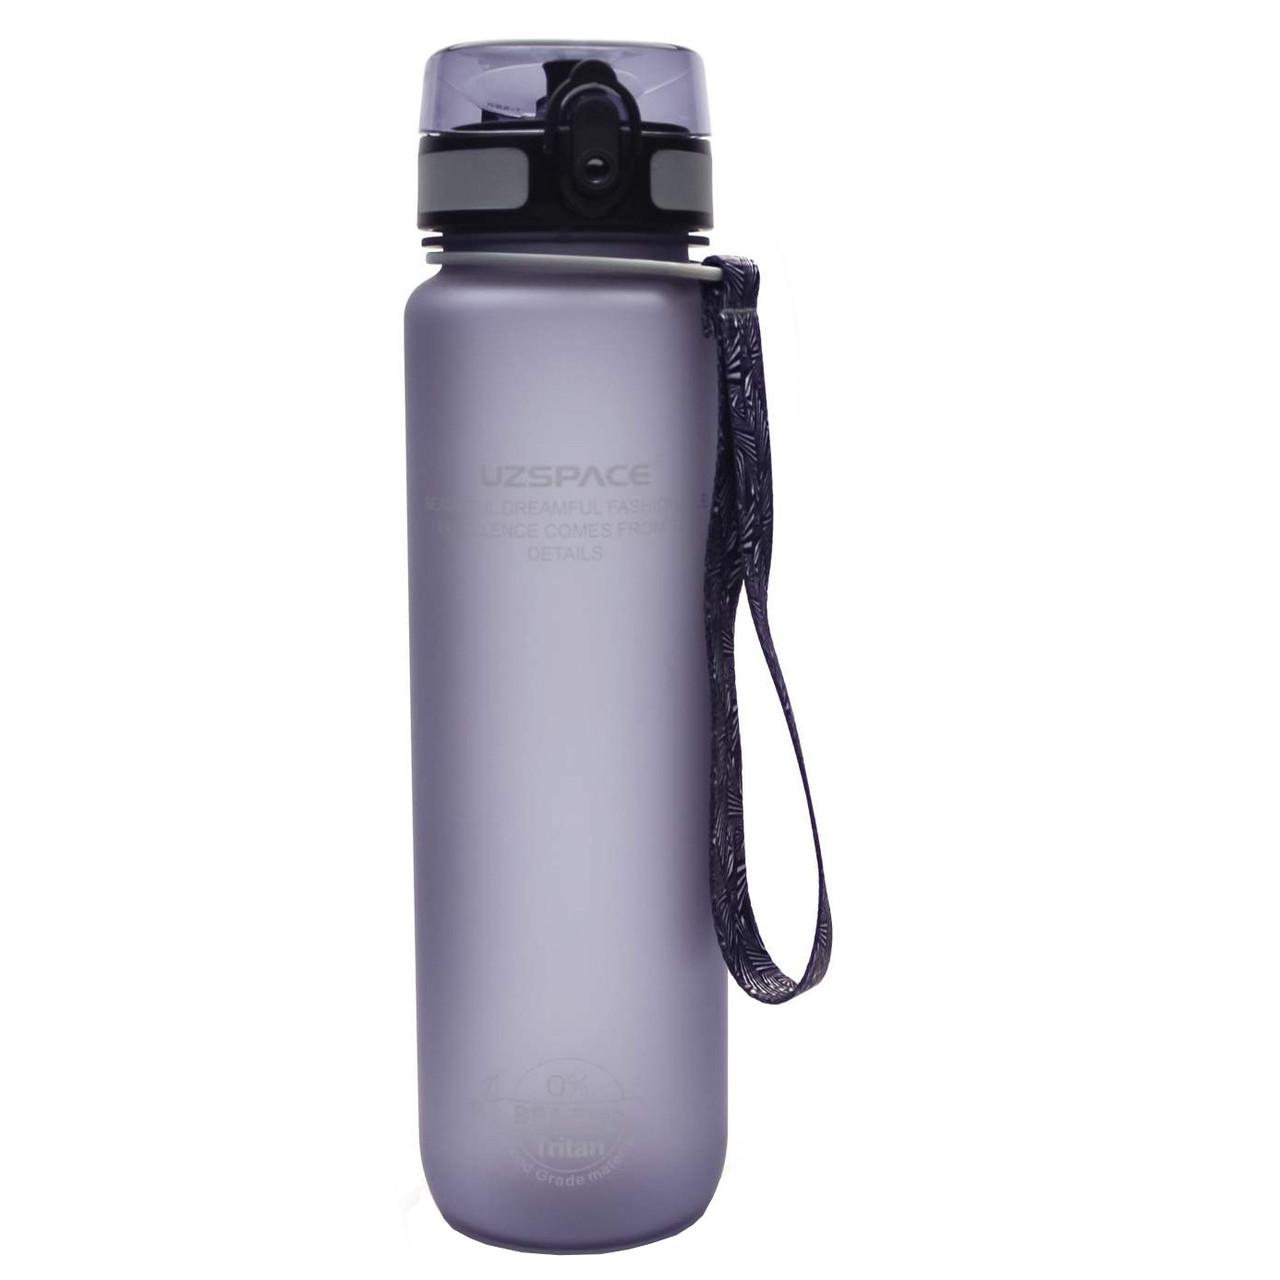 Бутылка для воды UZspace Grey (1000 мл.) - Серая